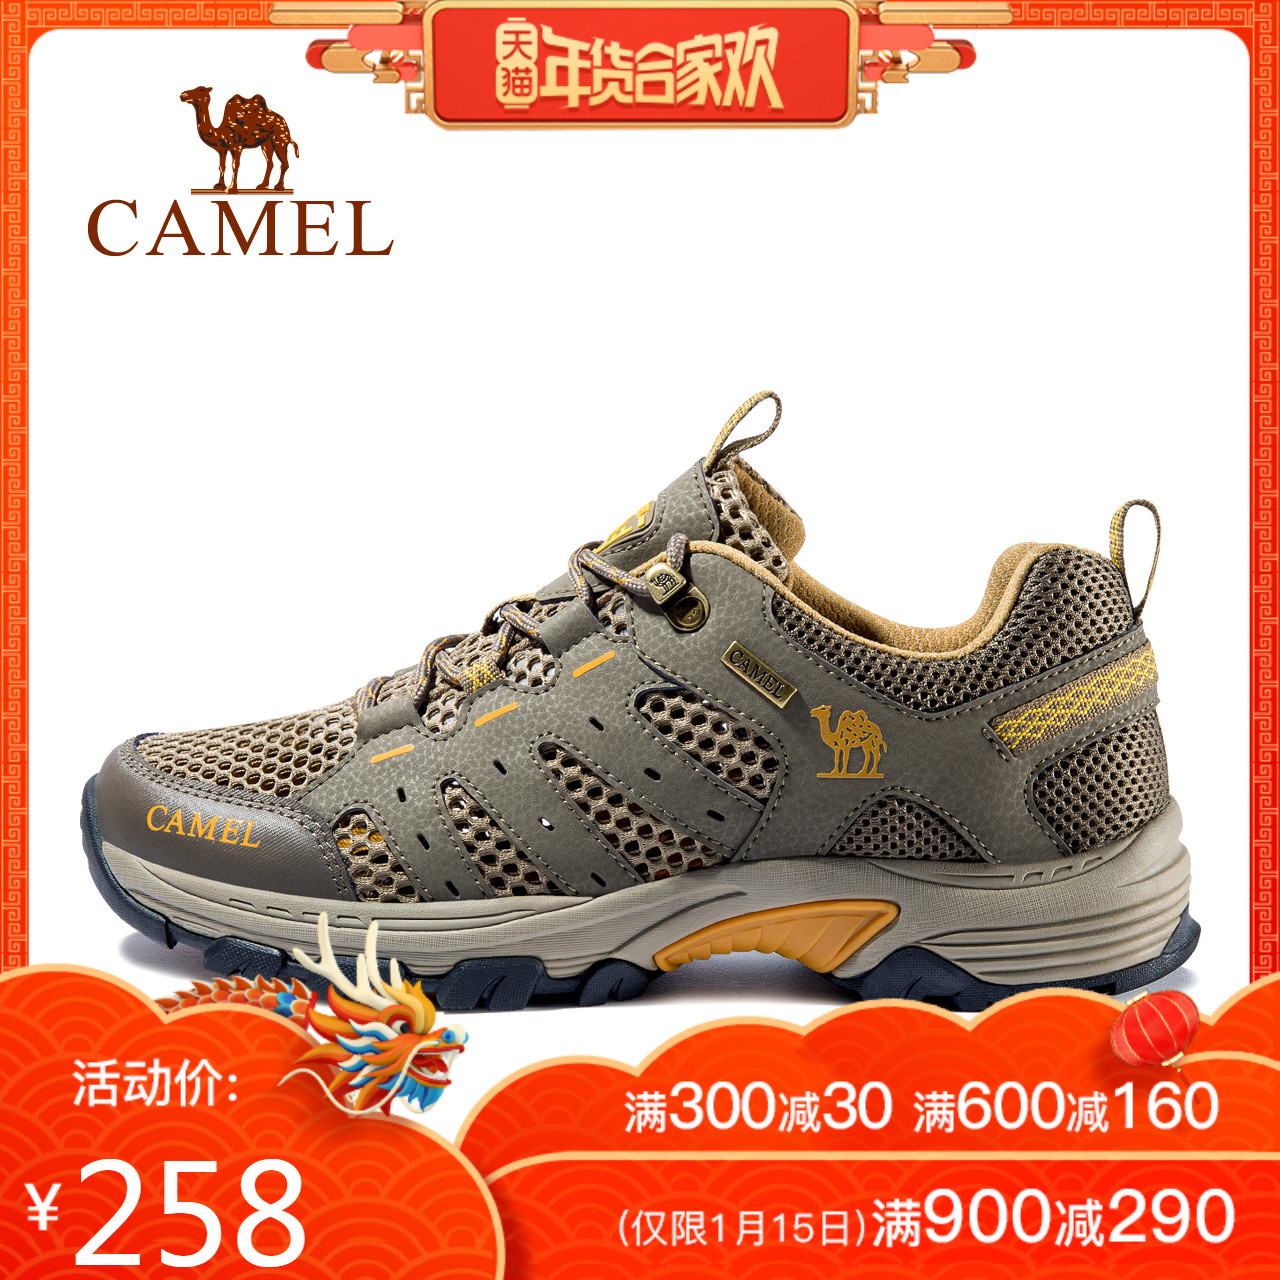 【2019新品】骆驼户外男女徒步鞋春夏耐磨透气系带低帮登山徒步鞋